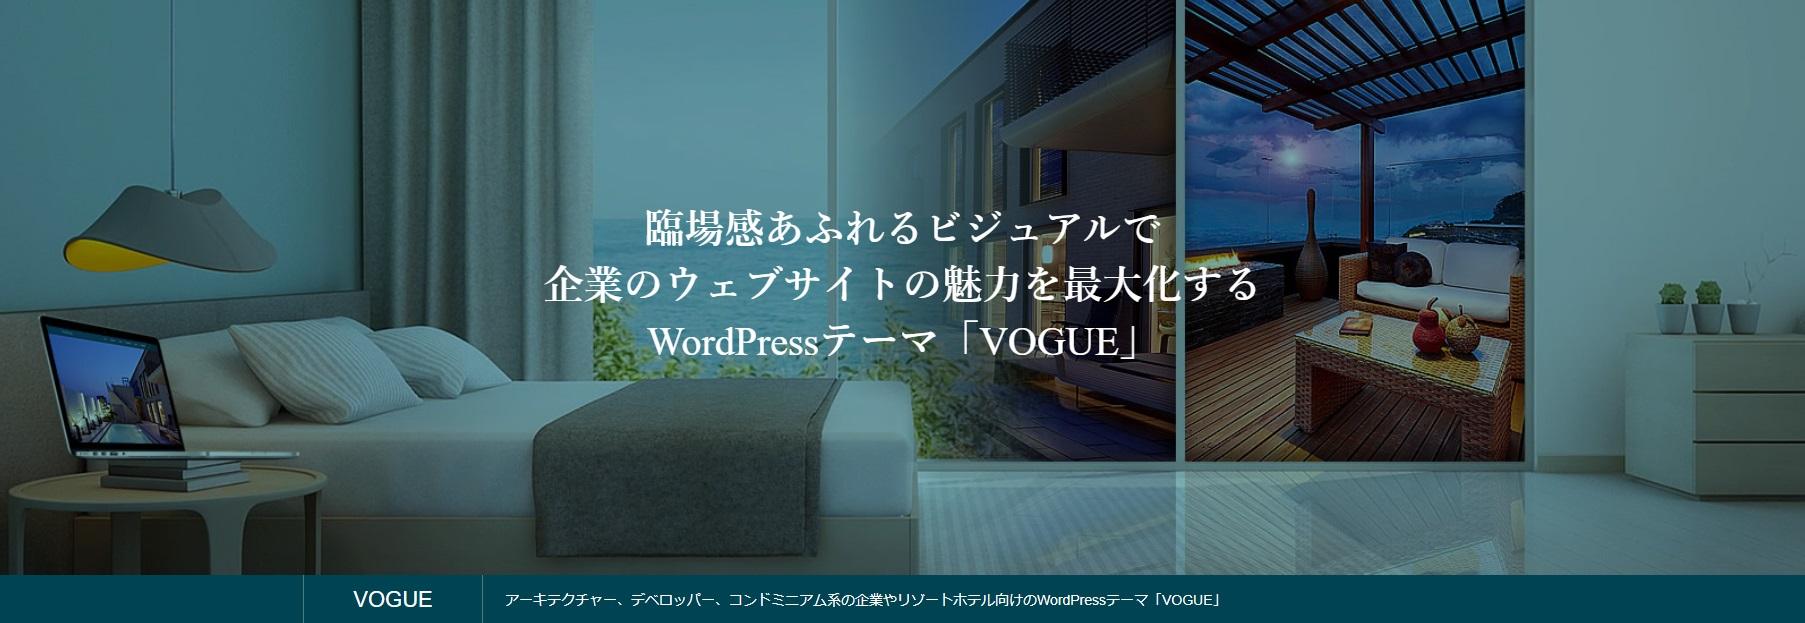 WordPressテーマ「VOGUE」TCD051の評判・評価・口コミ【有料日本語ワードプレステンプレート】